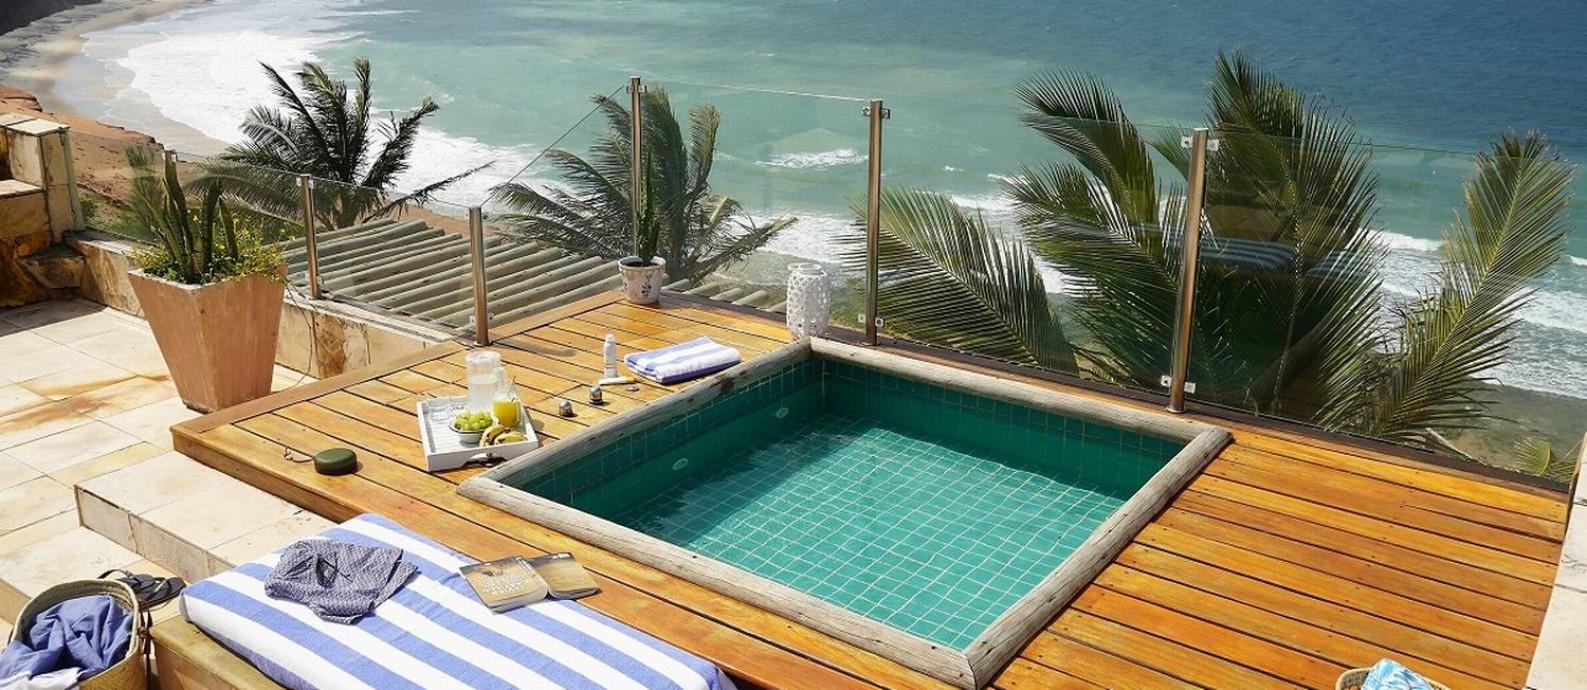 Área externa do Kilombo Villas, hotel butique de frente para o mar, nos arredores de Pipa, no Rio Grande do Norte Foto: Divulgação